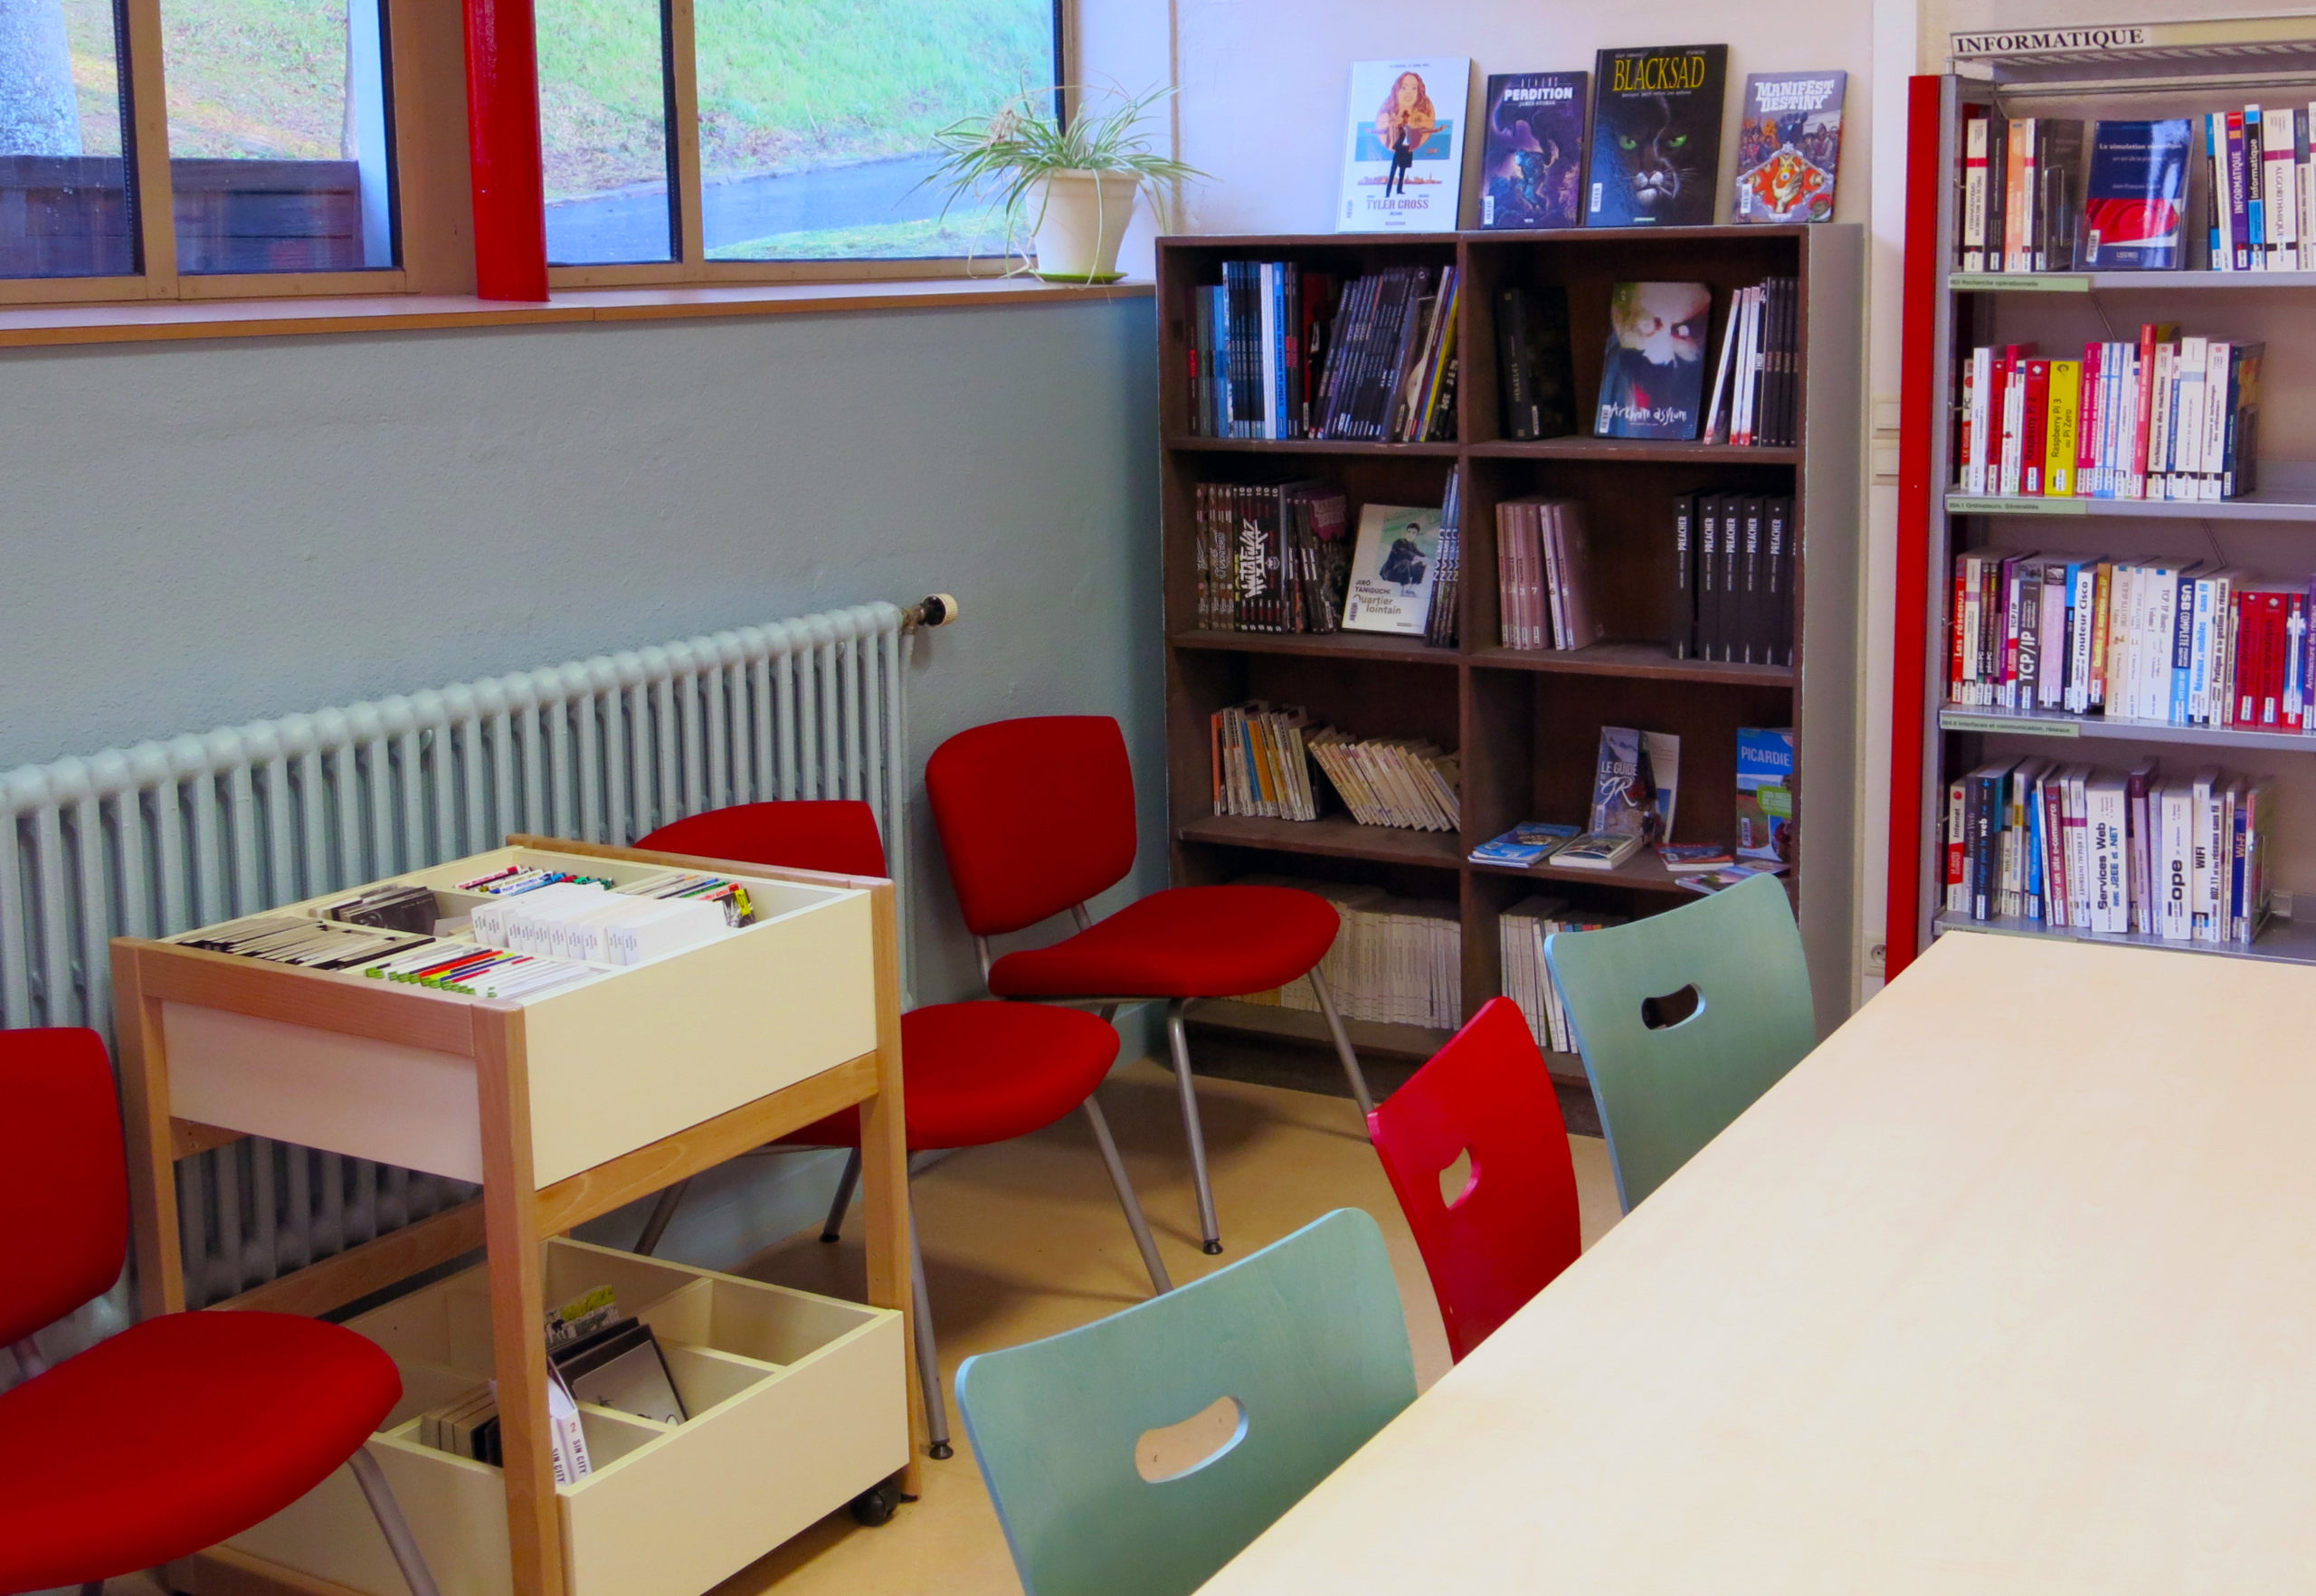 photographie de la bibliothèque universitaire de Soissons / Cuffies : espace BD et mangas